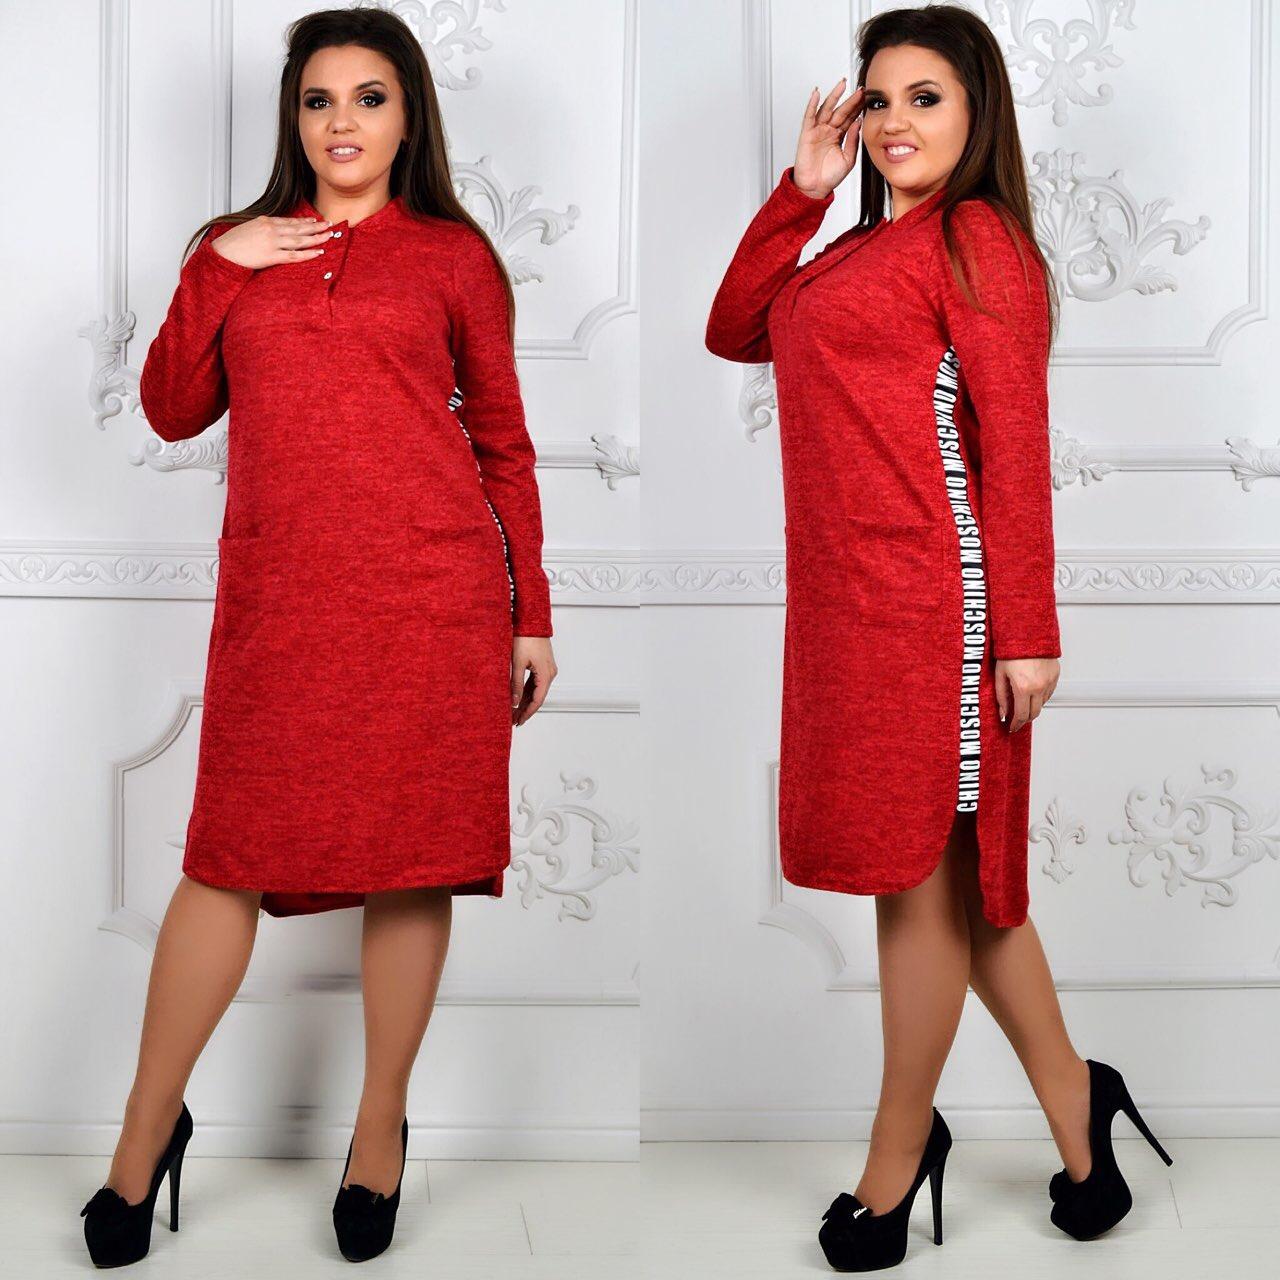 Женские платья оптом 25834079 340-8